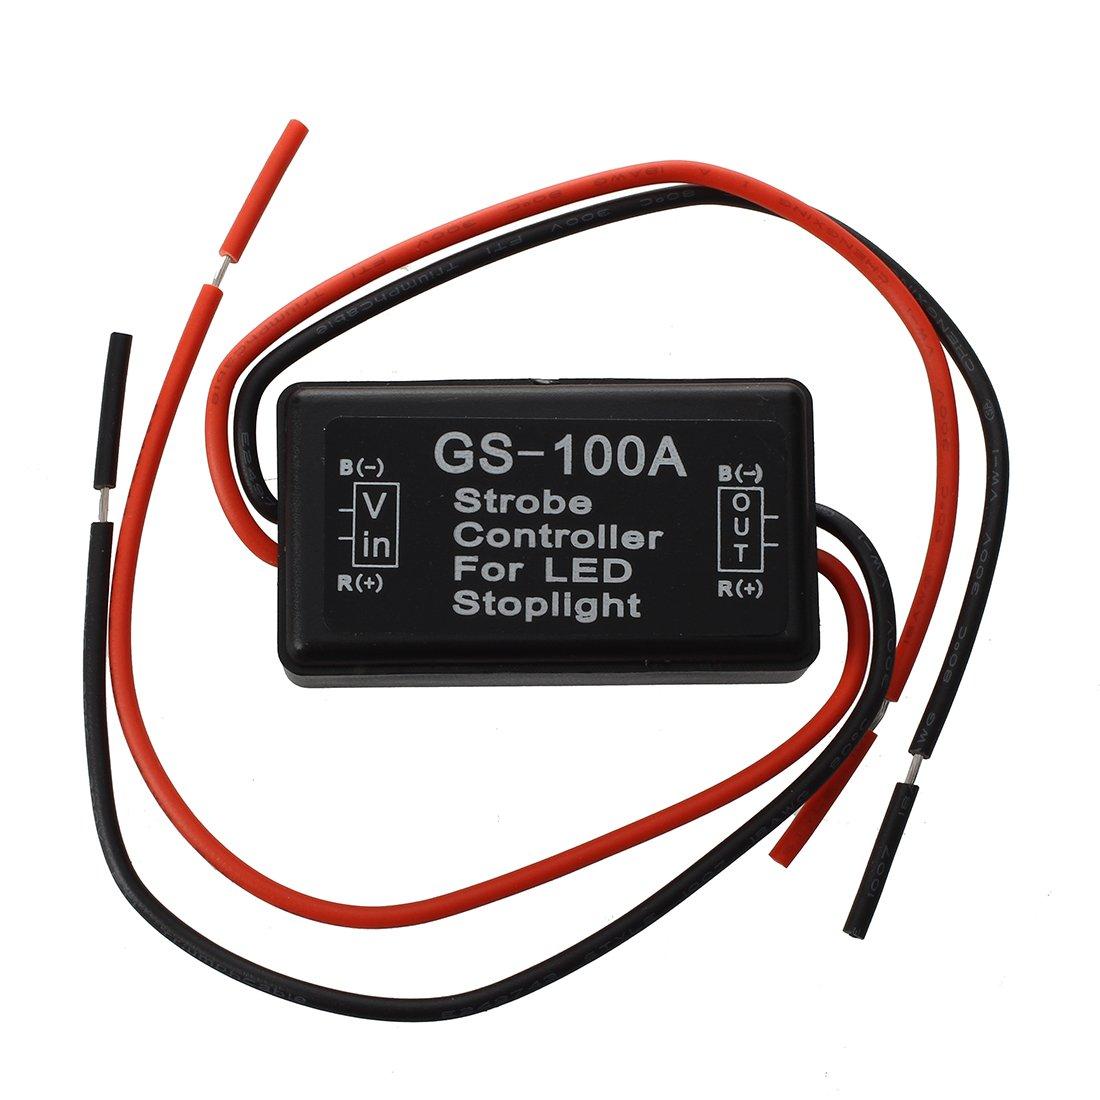 SODIAL(R) Flash Strobe Controller Flasher Module for LED Brake Tail Stop Light 12-16V 019879